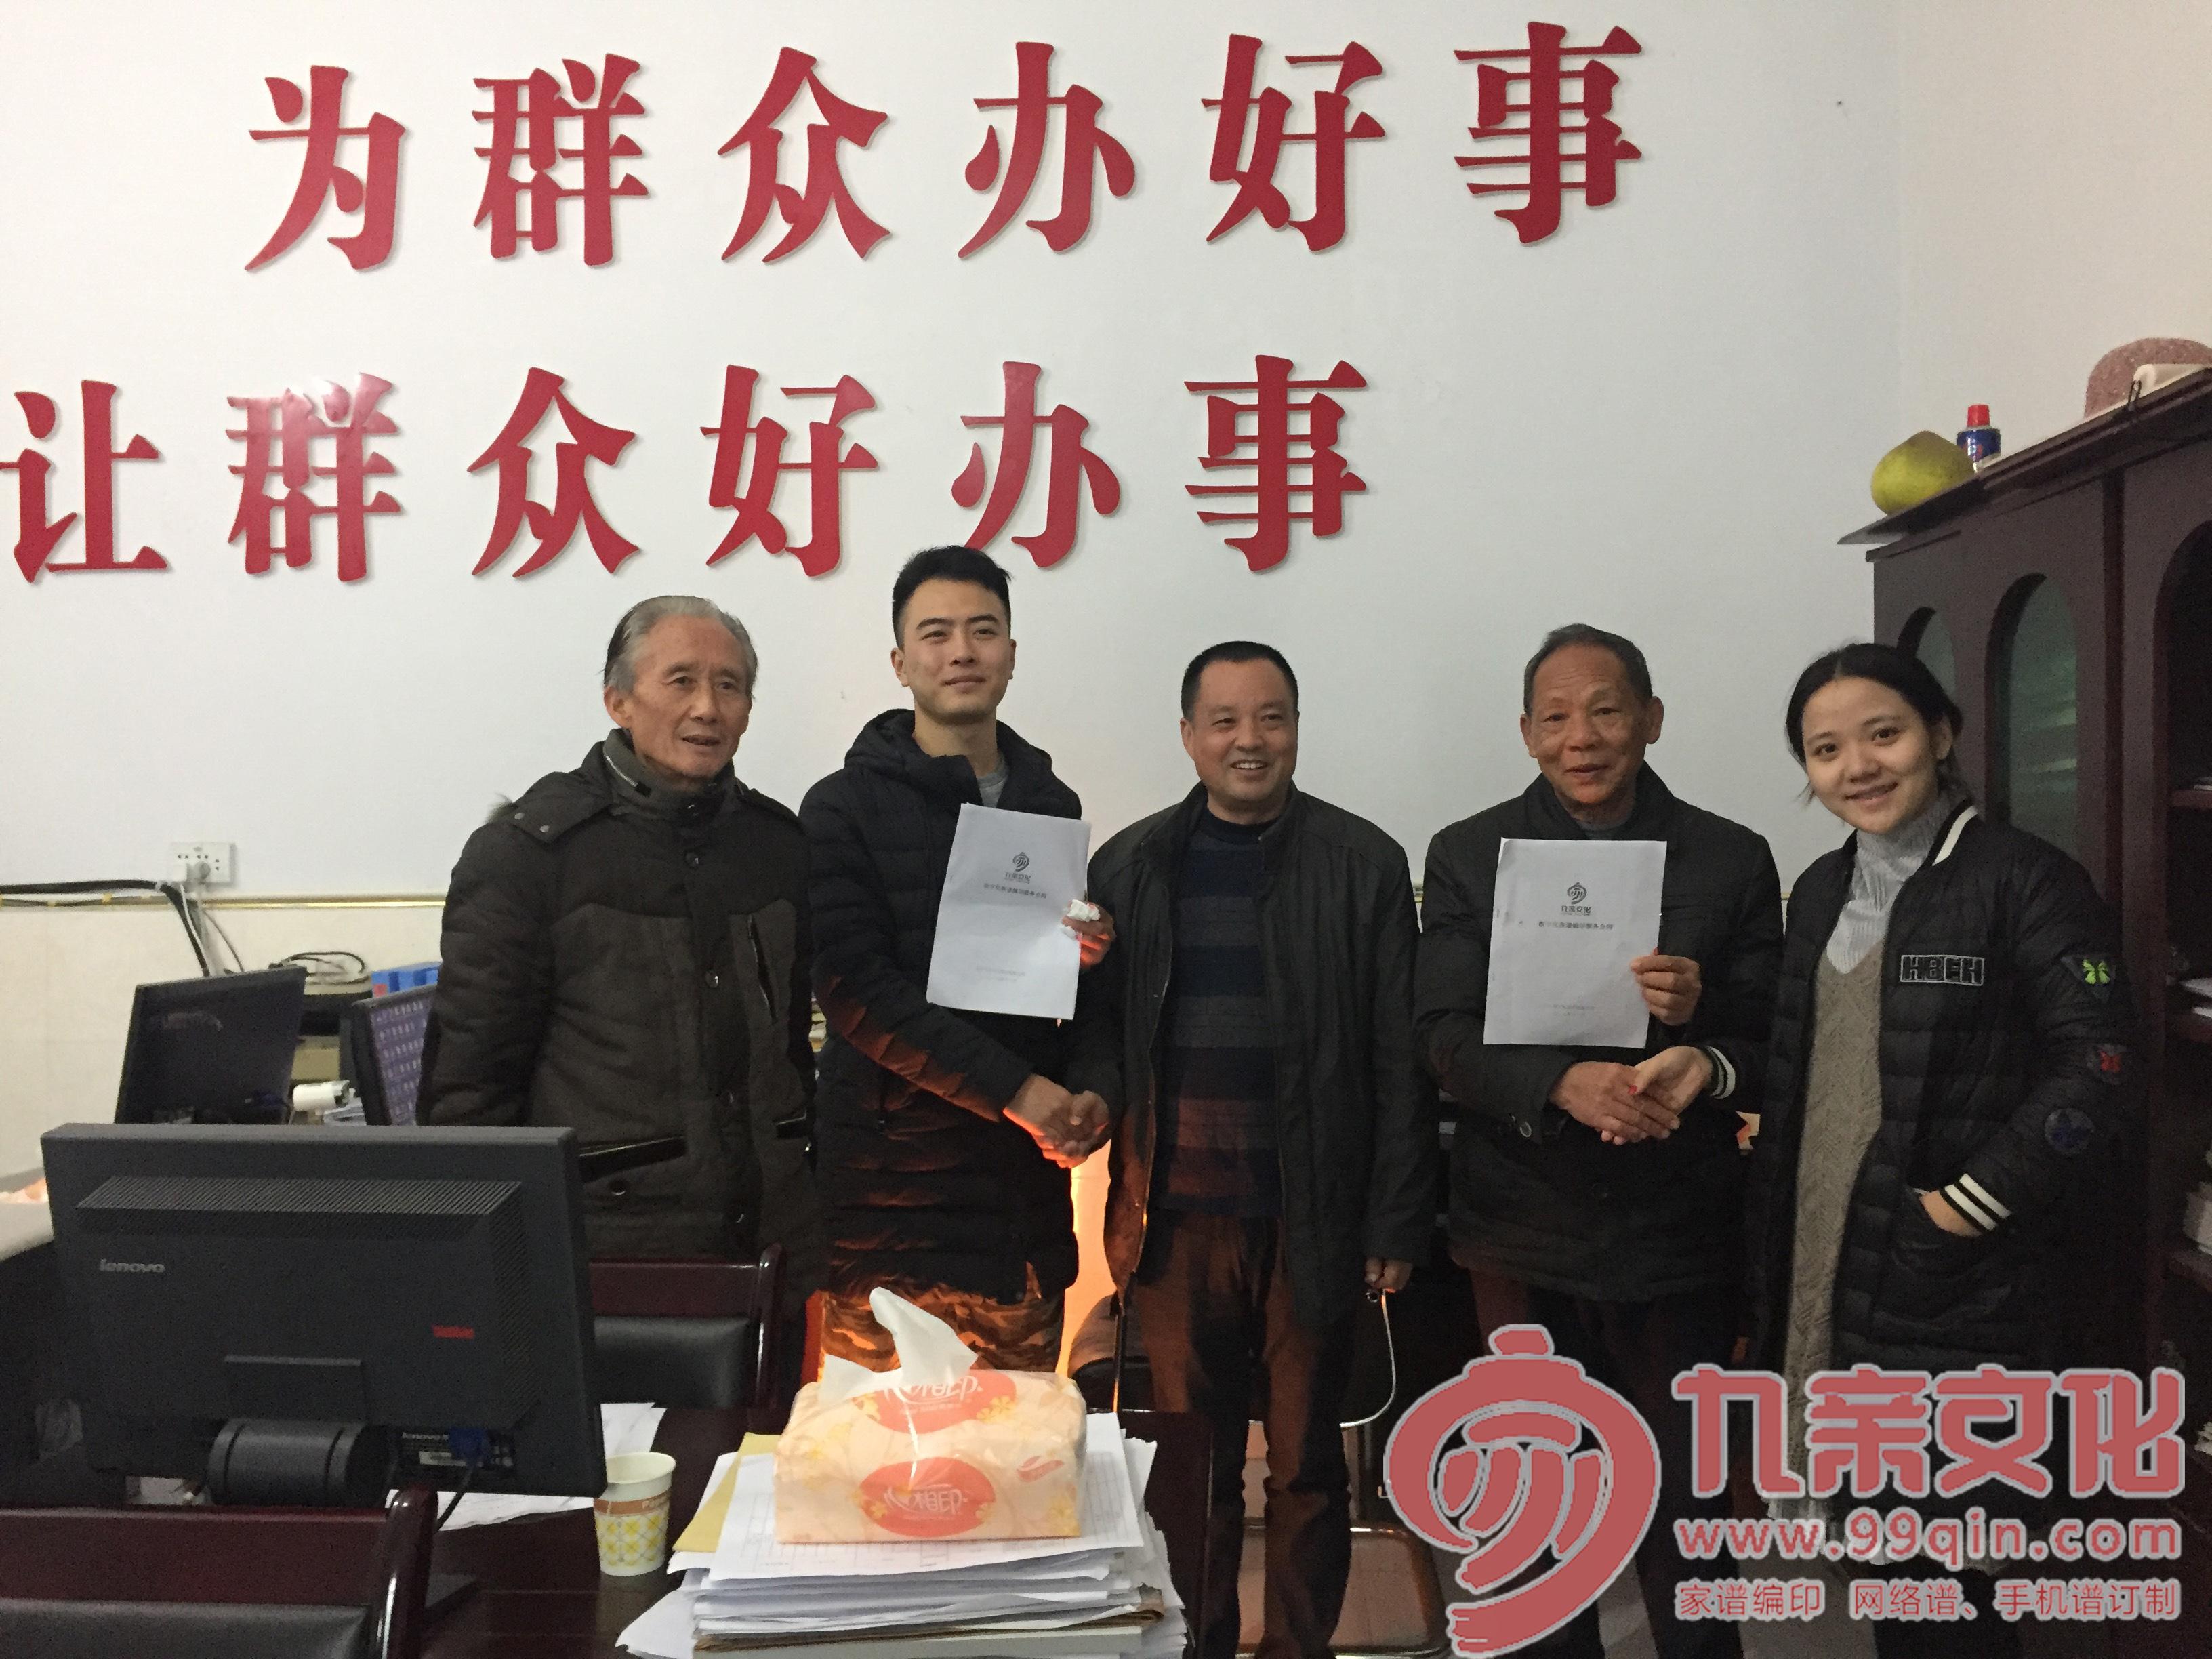 热烈祝贺九亲文化高效完成重庆市梁平区《杨氏家谱》印制并成功交付!